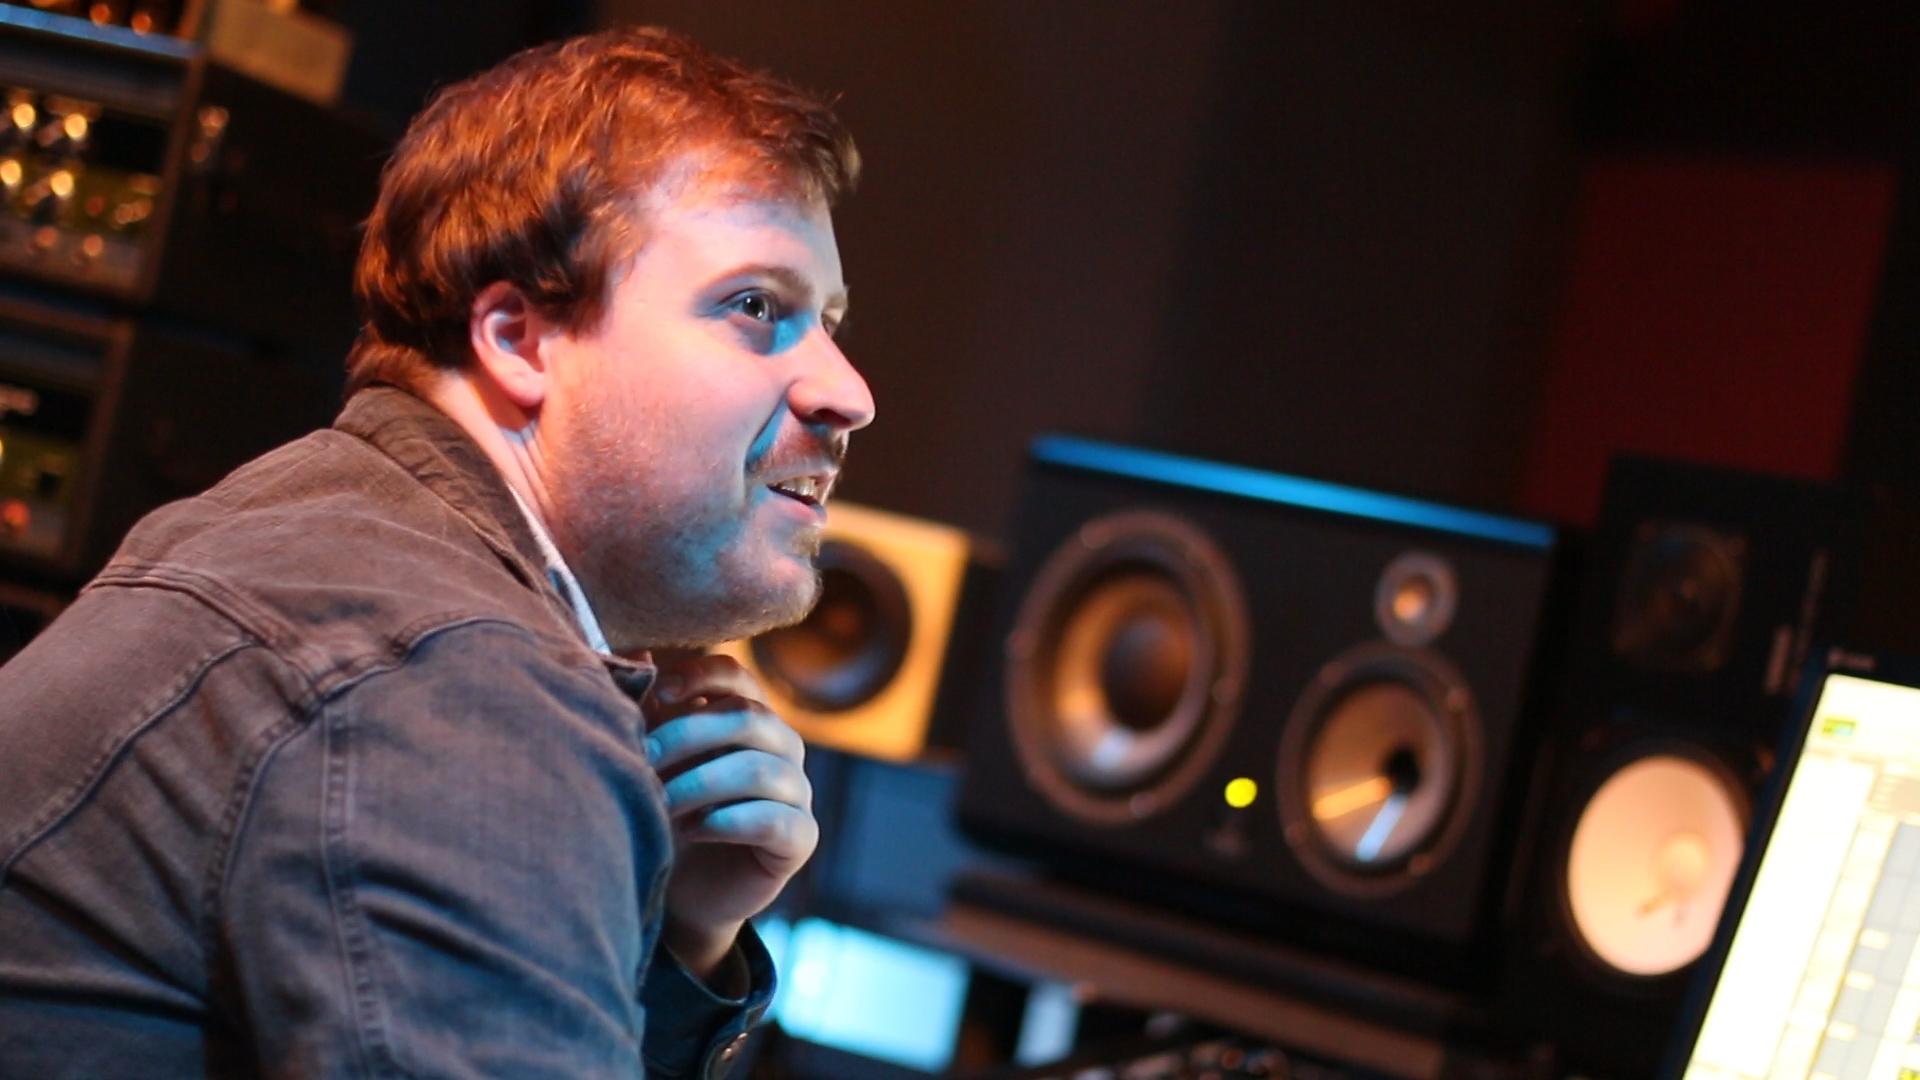 Jeff Kynoch - photo by Kendel Vreeling and Kavan Schell